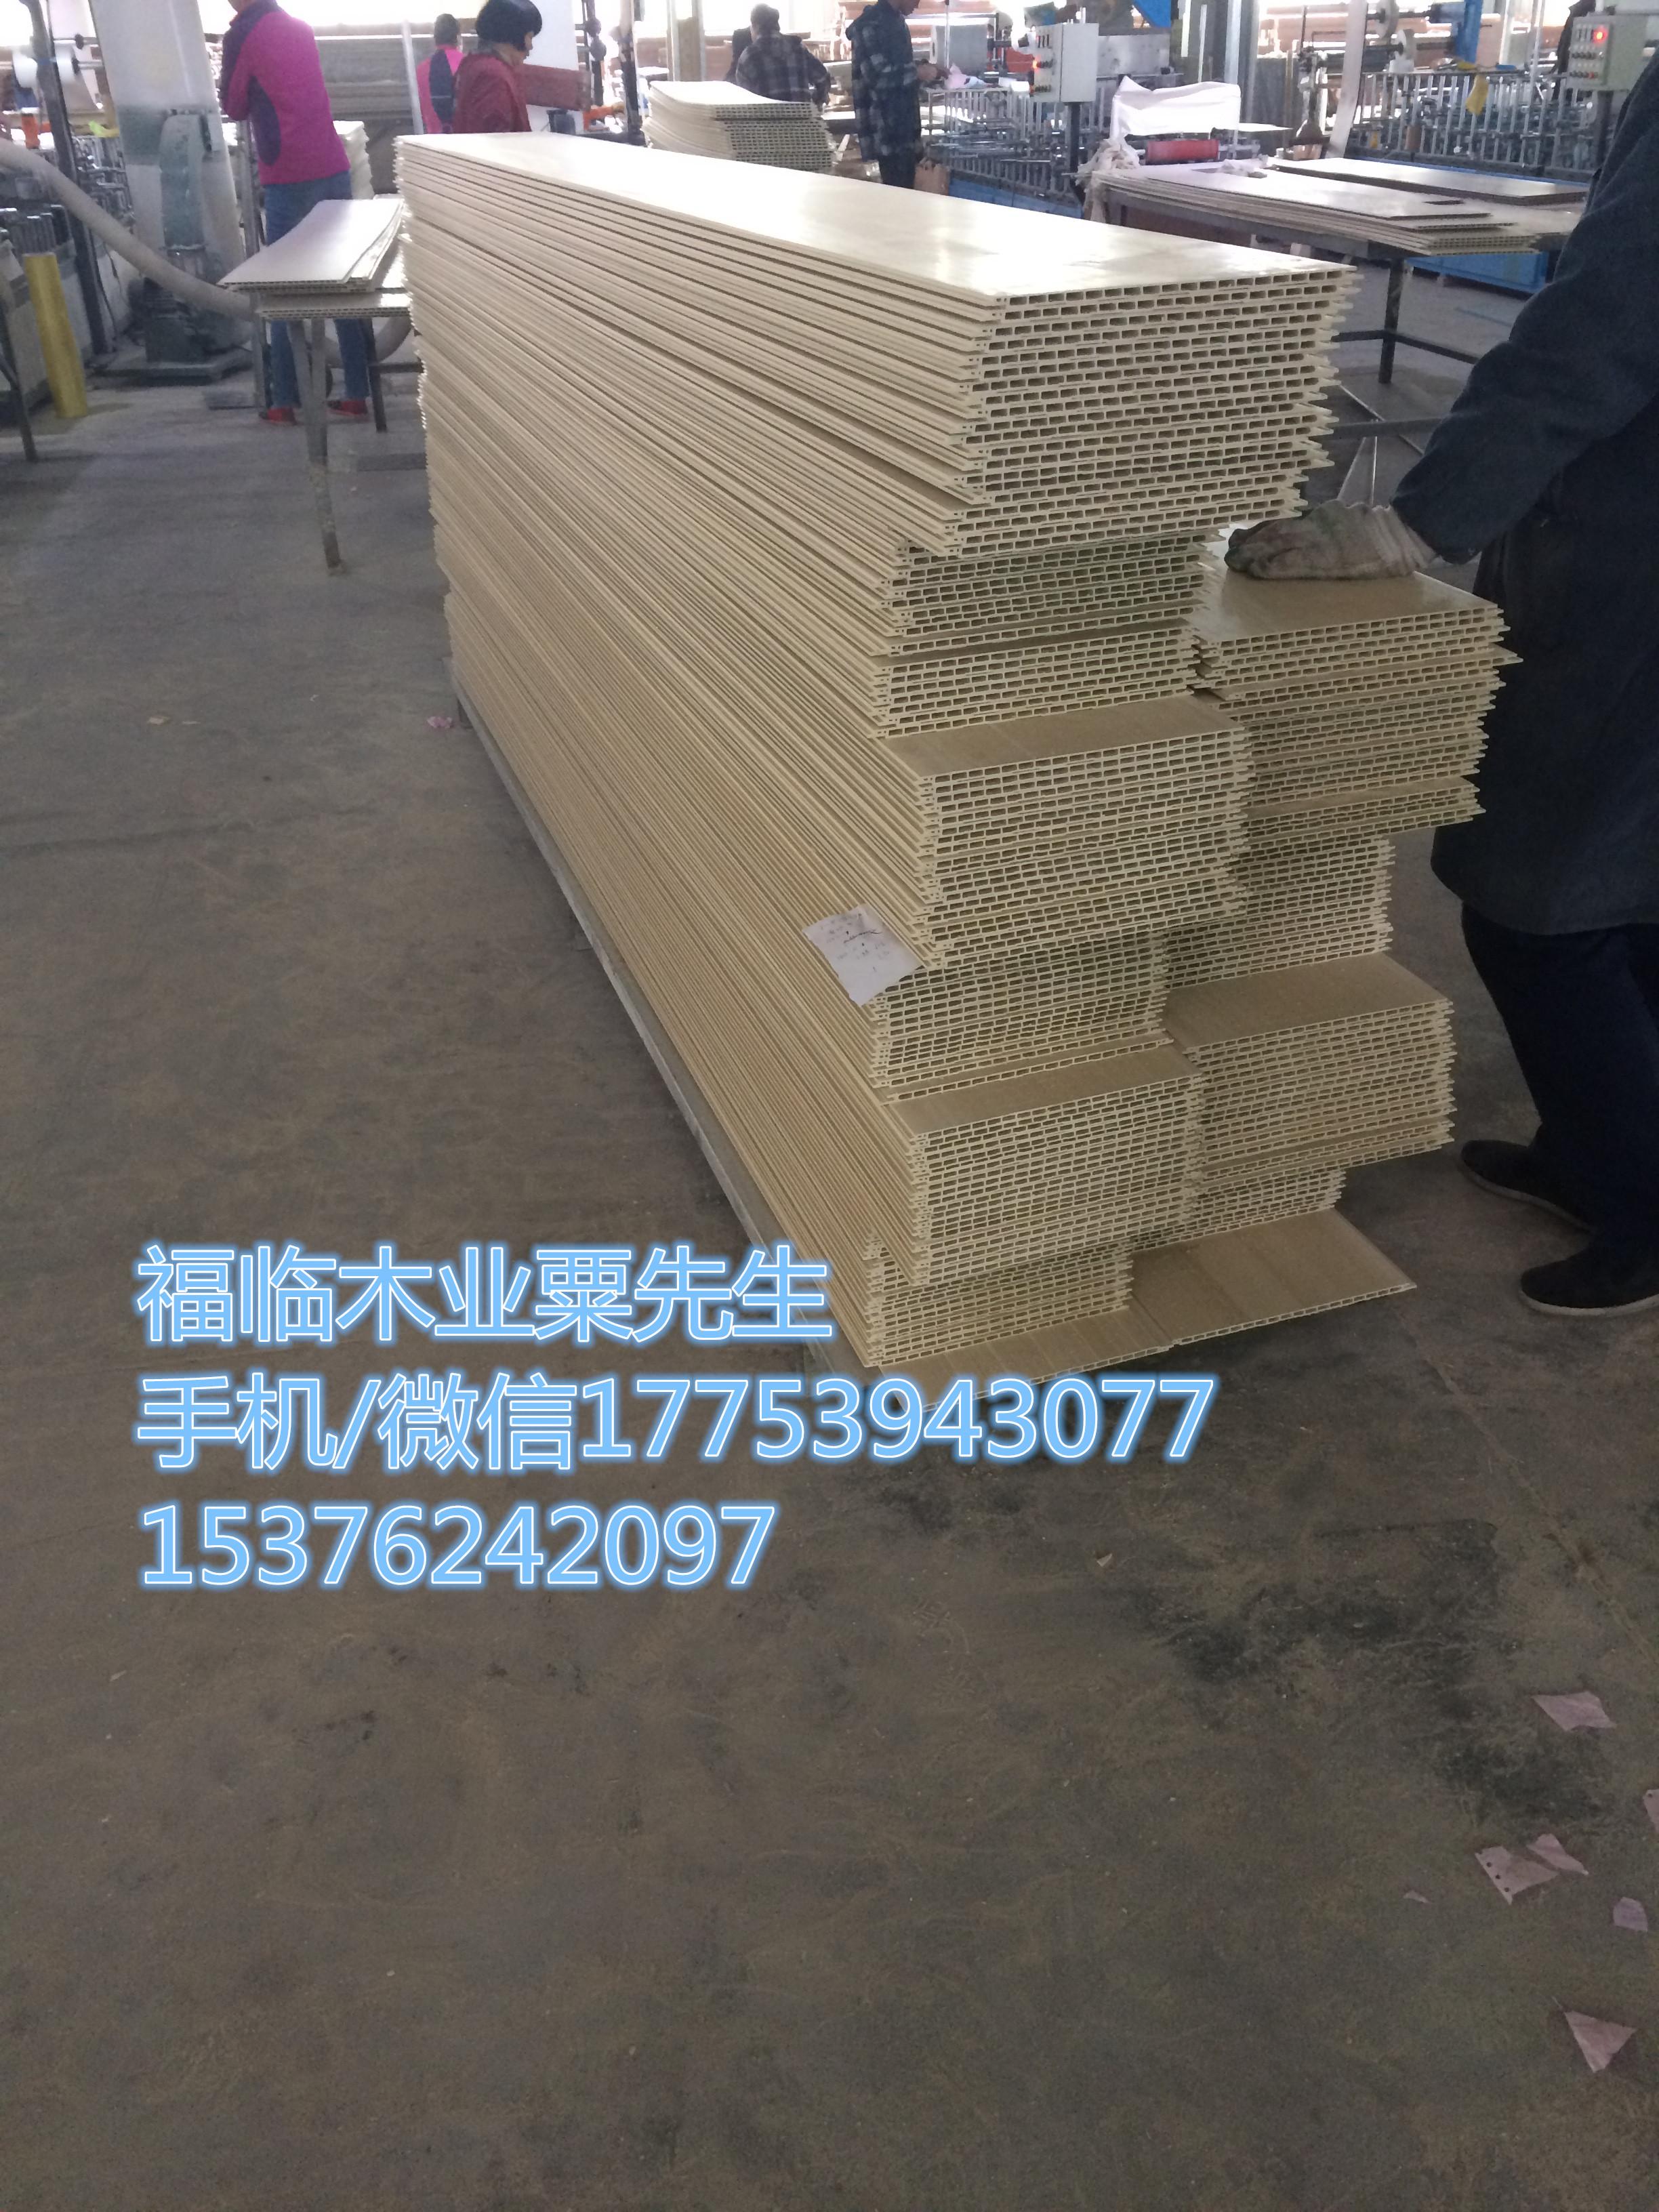 常德204,生态木长城板供货商